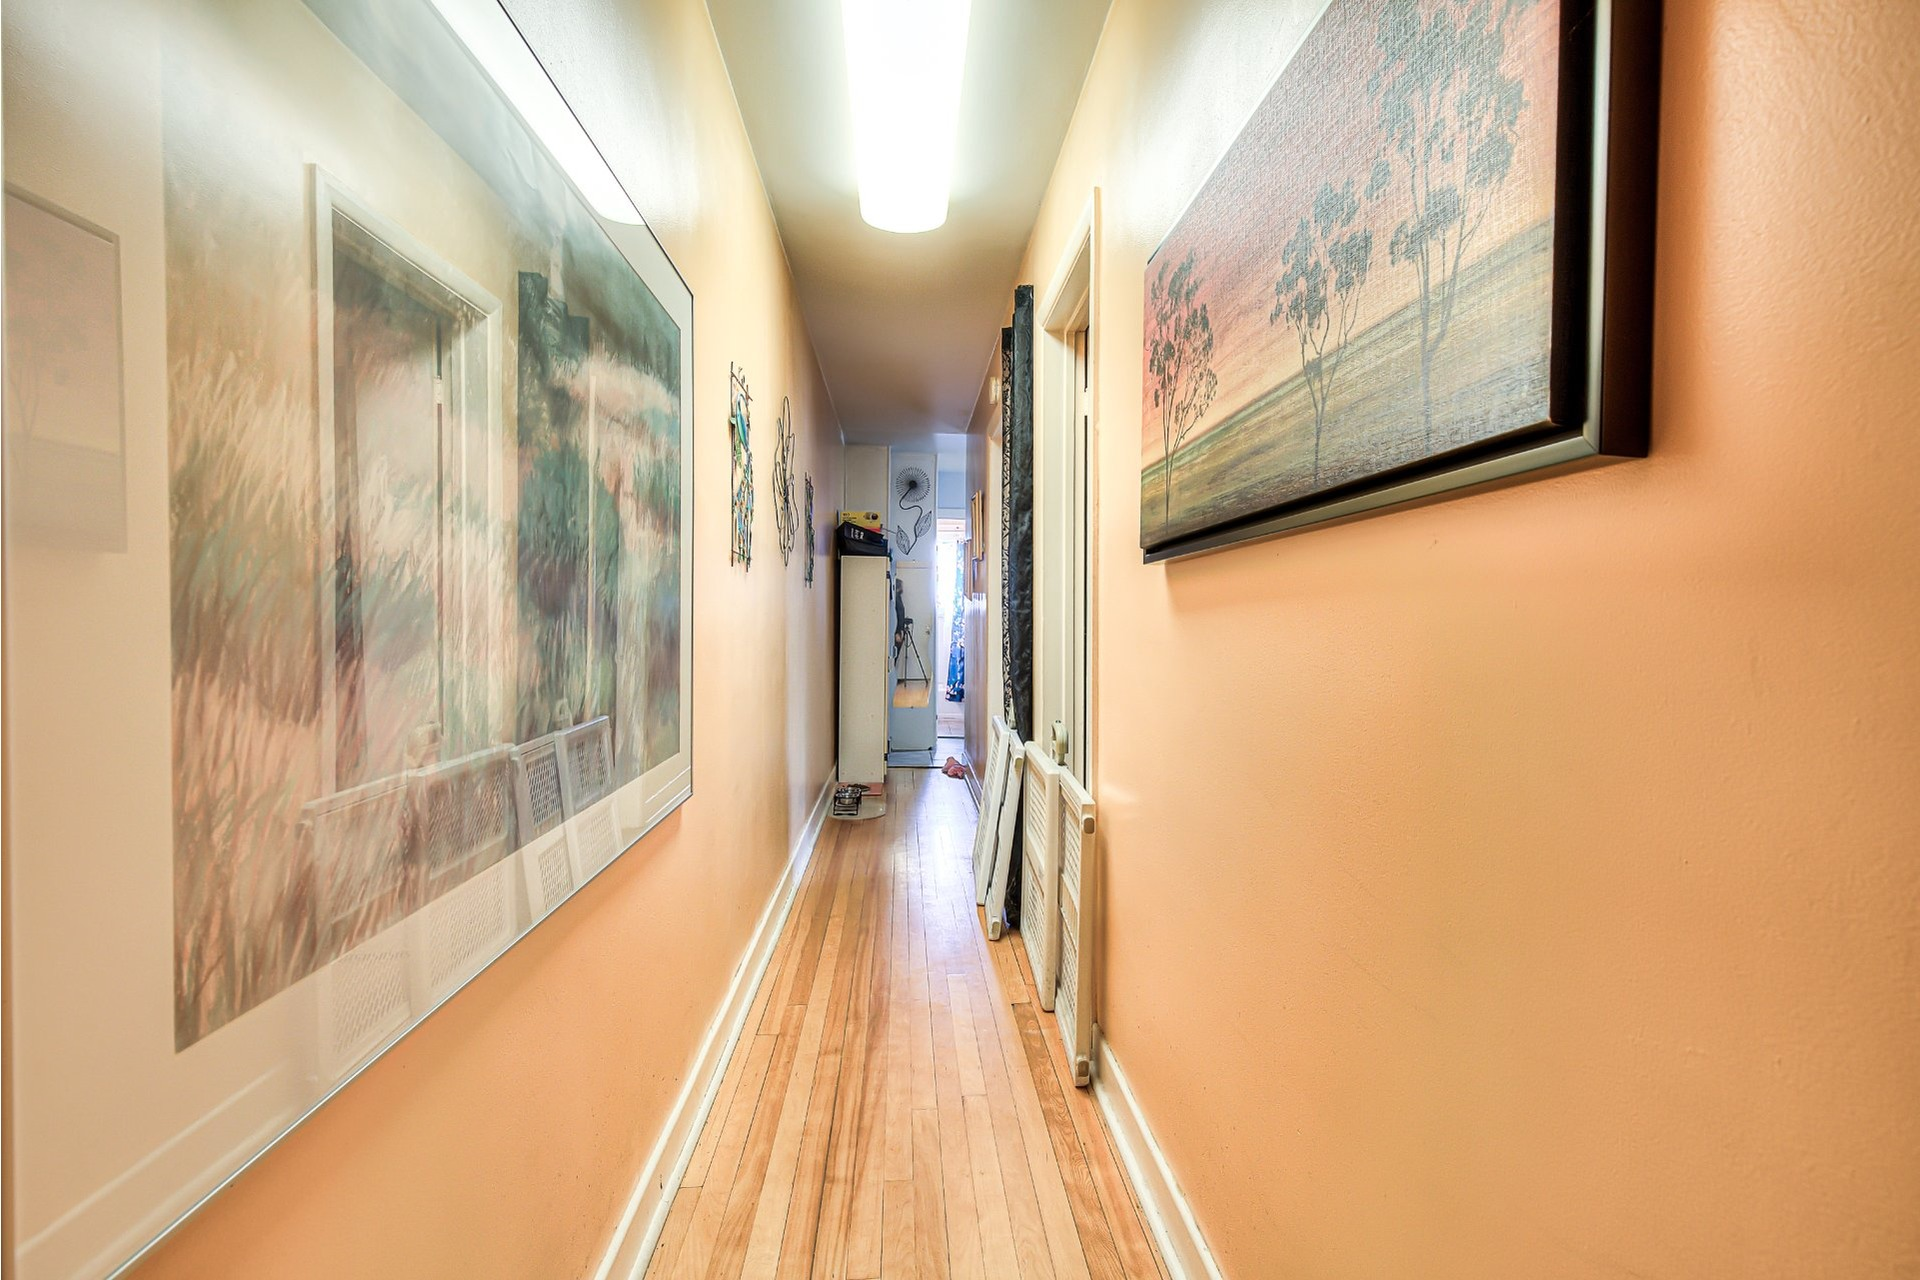 image 24 - Income property For sale Villeray/Saint-Michel/Parc-Extension Montréal  - 4 rooms